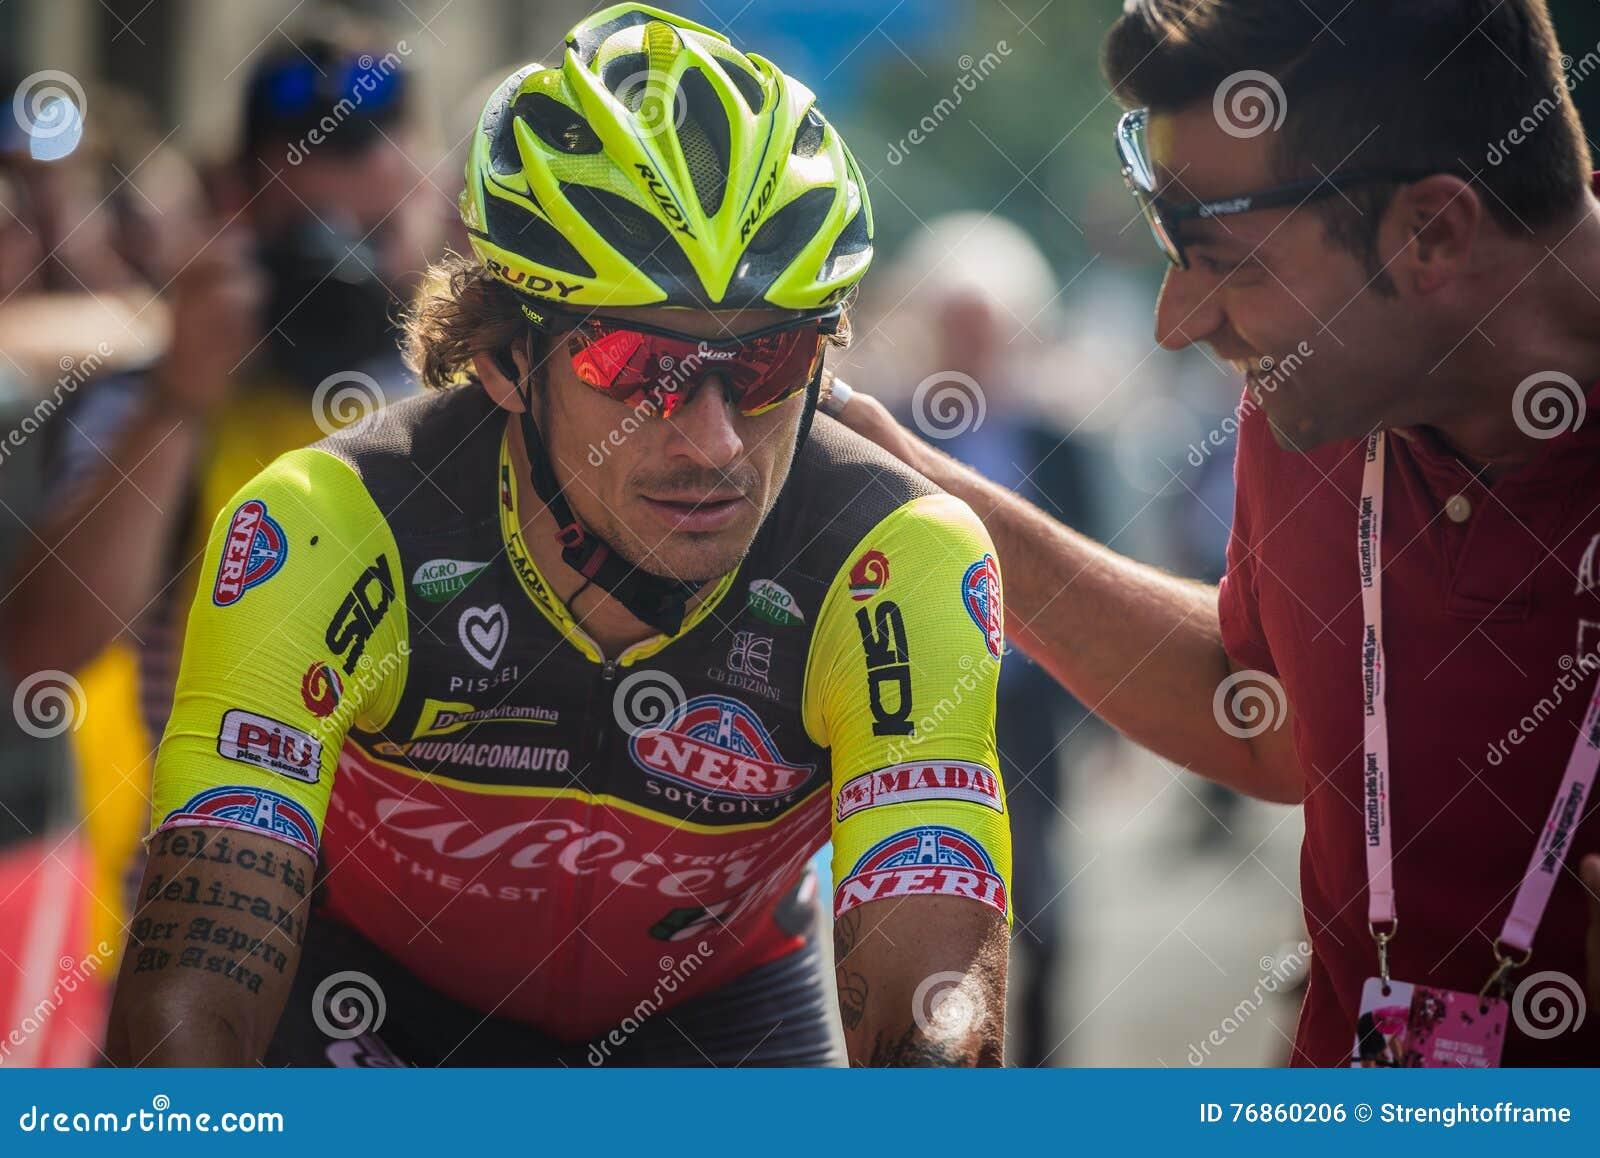 Pinerolo, Italia 26 de mayo de 2016; Filippo Pozzato después del final de la etapa